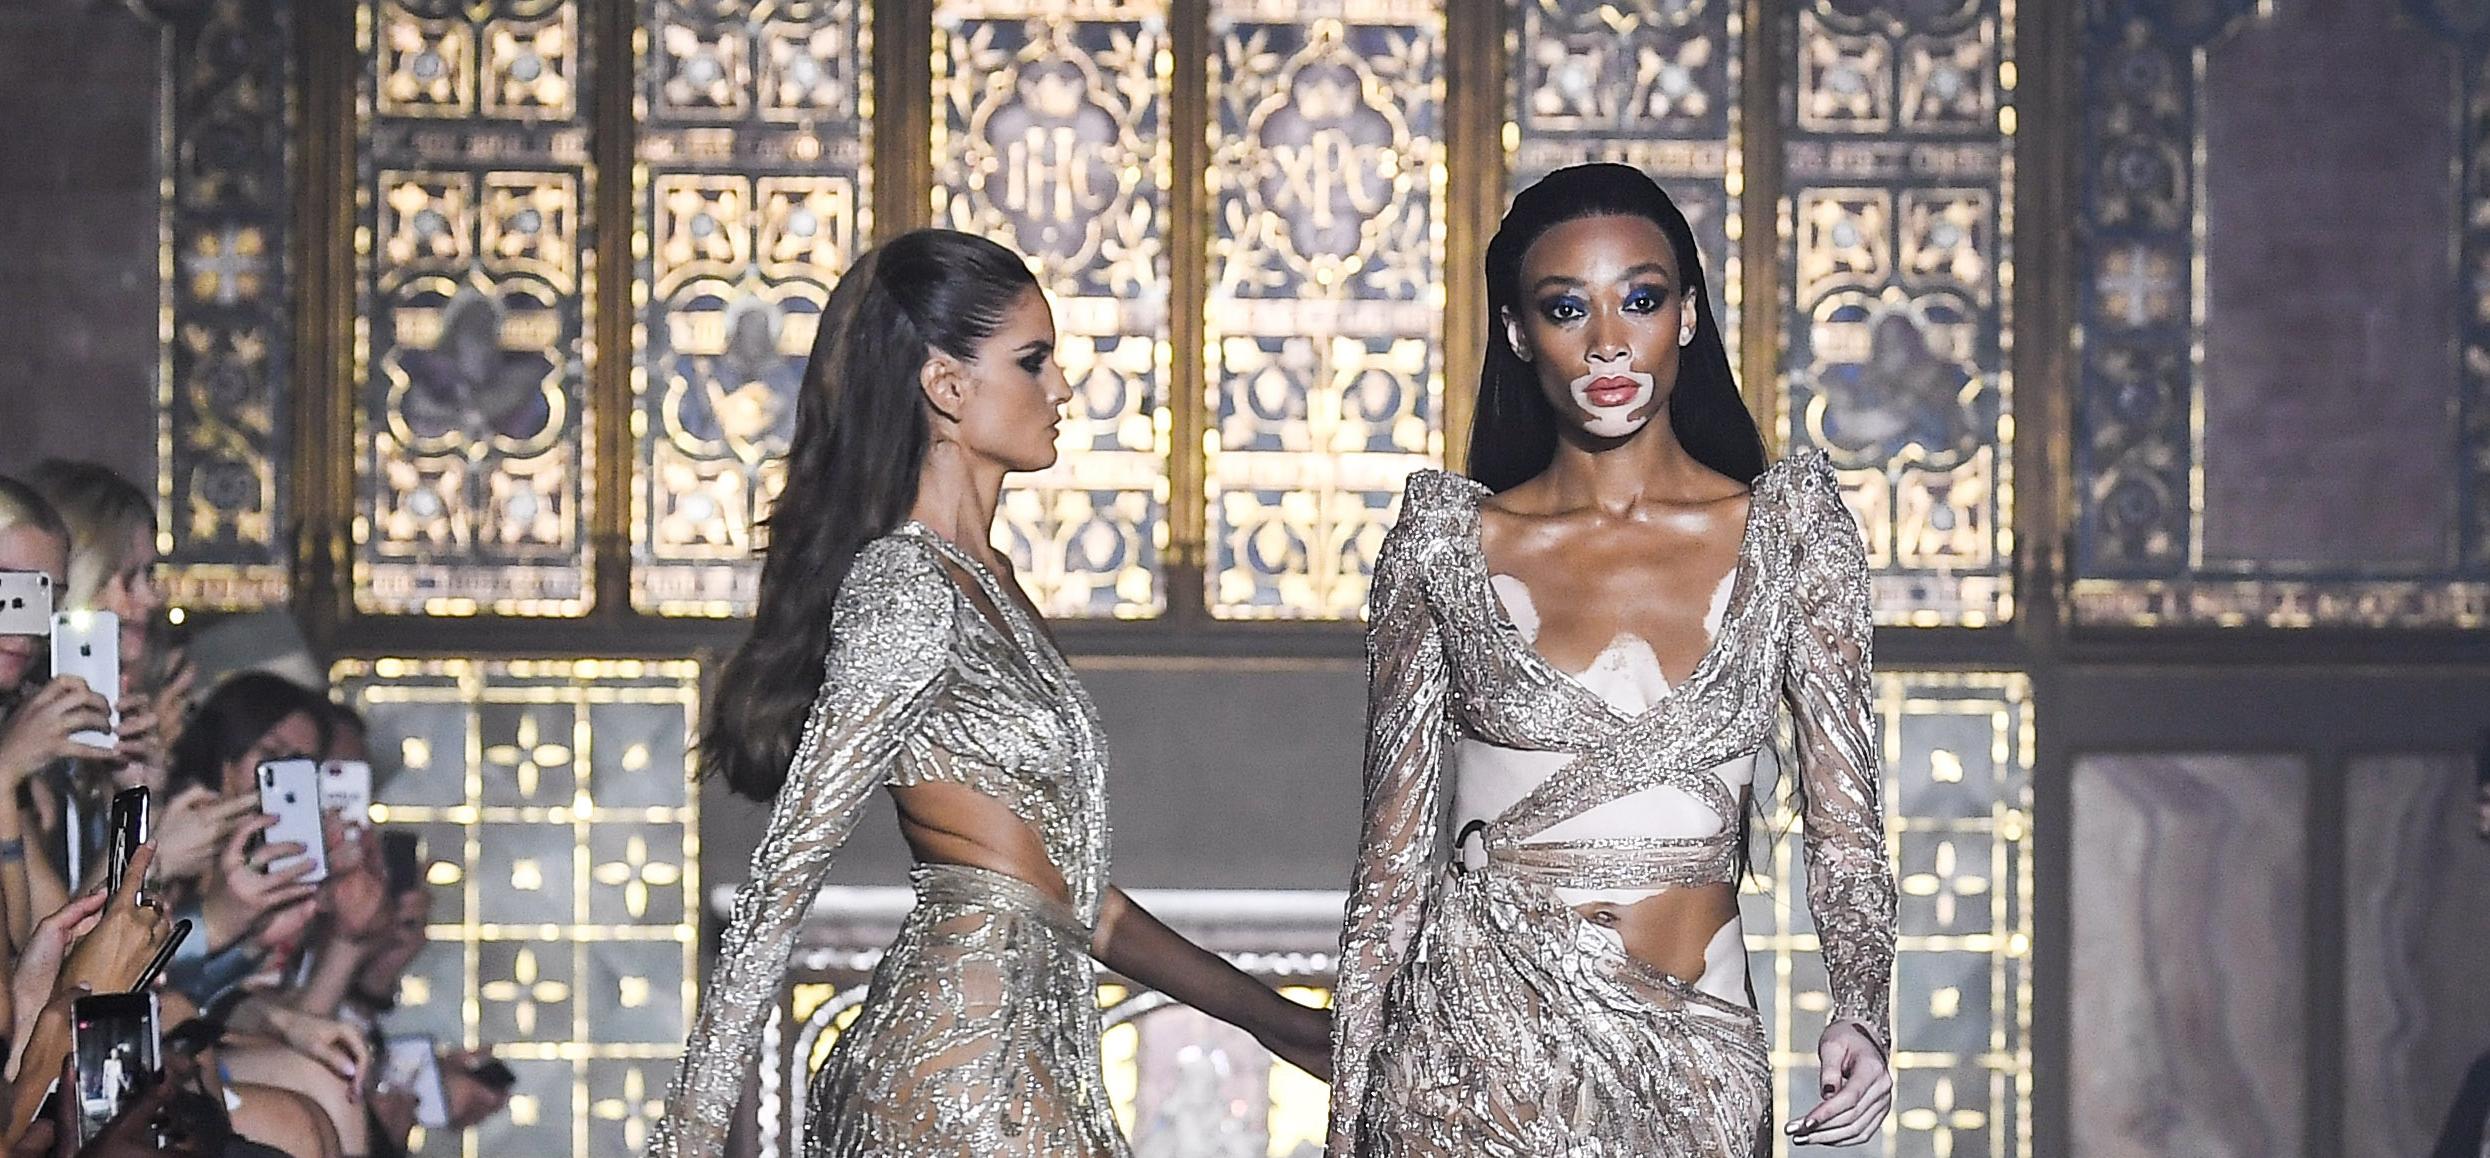 f0fb99dac7663 Öncelikle müjdemi isterim bayanlar, az çok şöyle bir moda dünyasına göz  attıysanız eğer eğlenceli bir yazın da bizleri beklediğini  farketmişsinizdir!